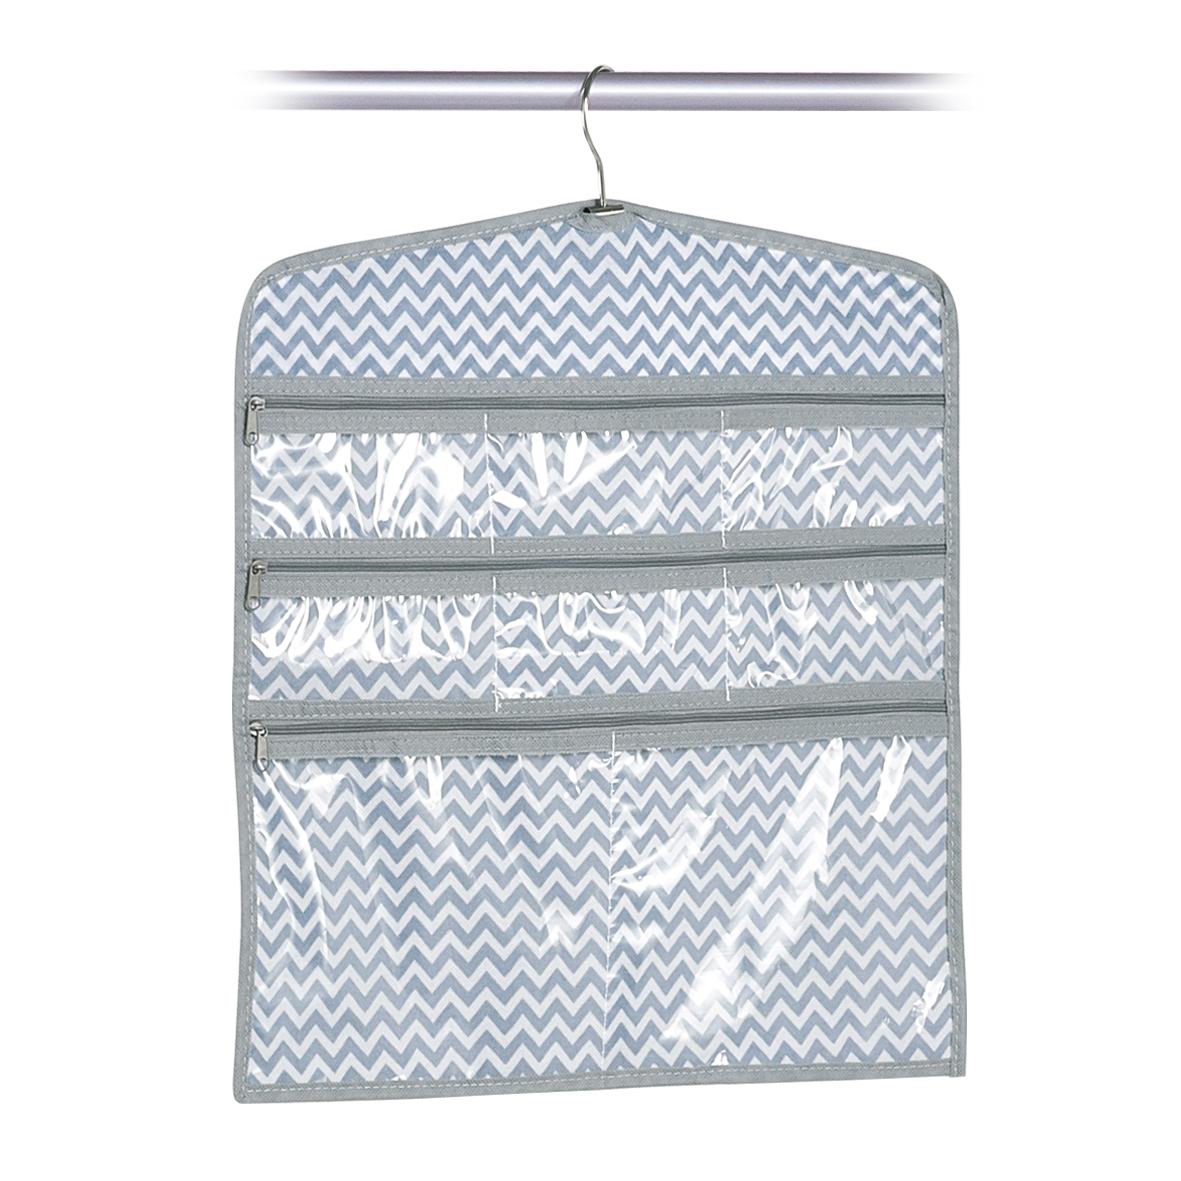 Organizator textil pentru dulap cu 8 de compartimente, Alb / Gri Zig Zag, l44xH45 cm